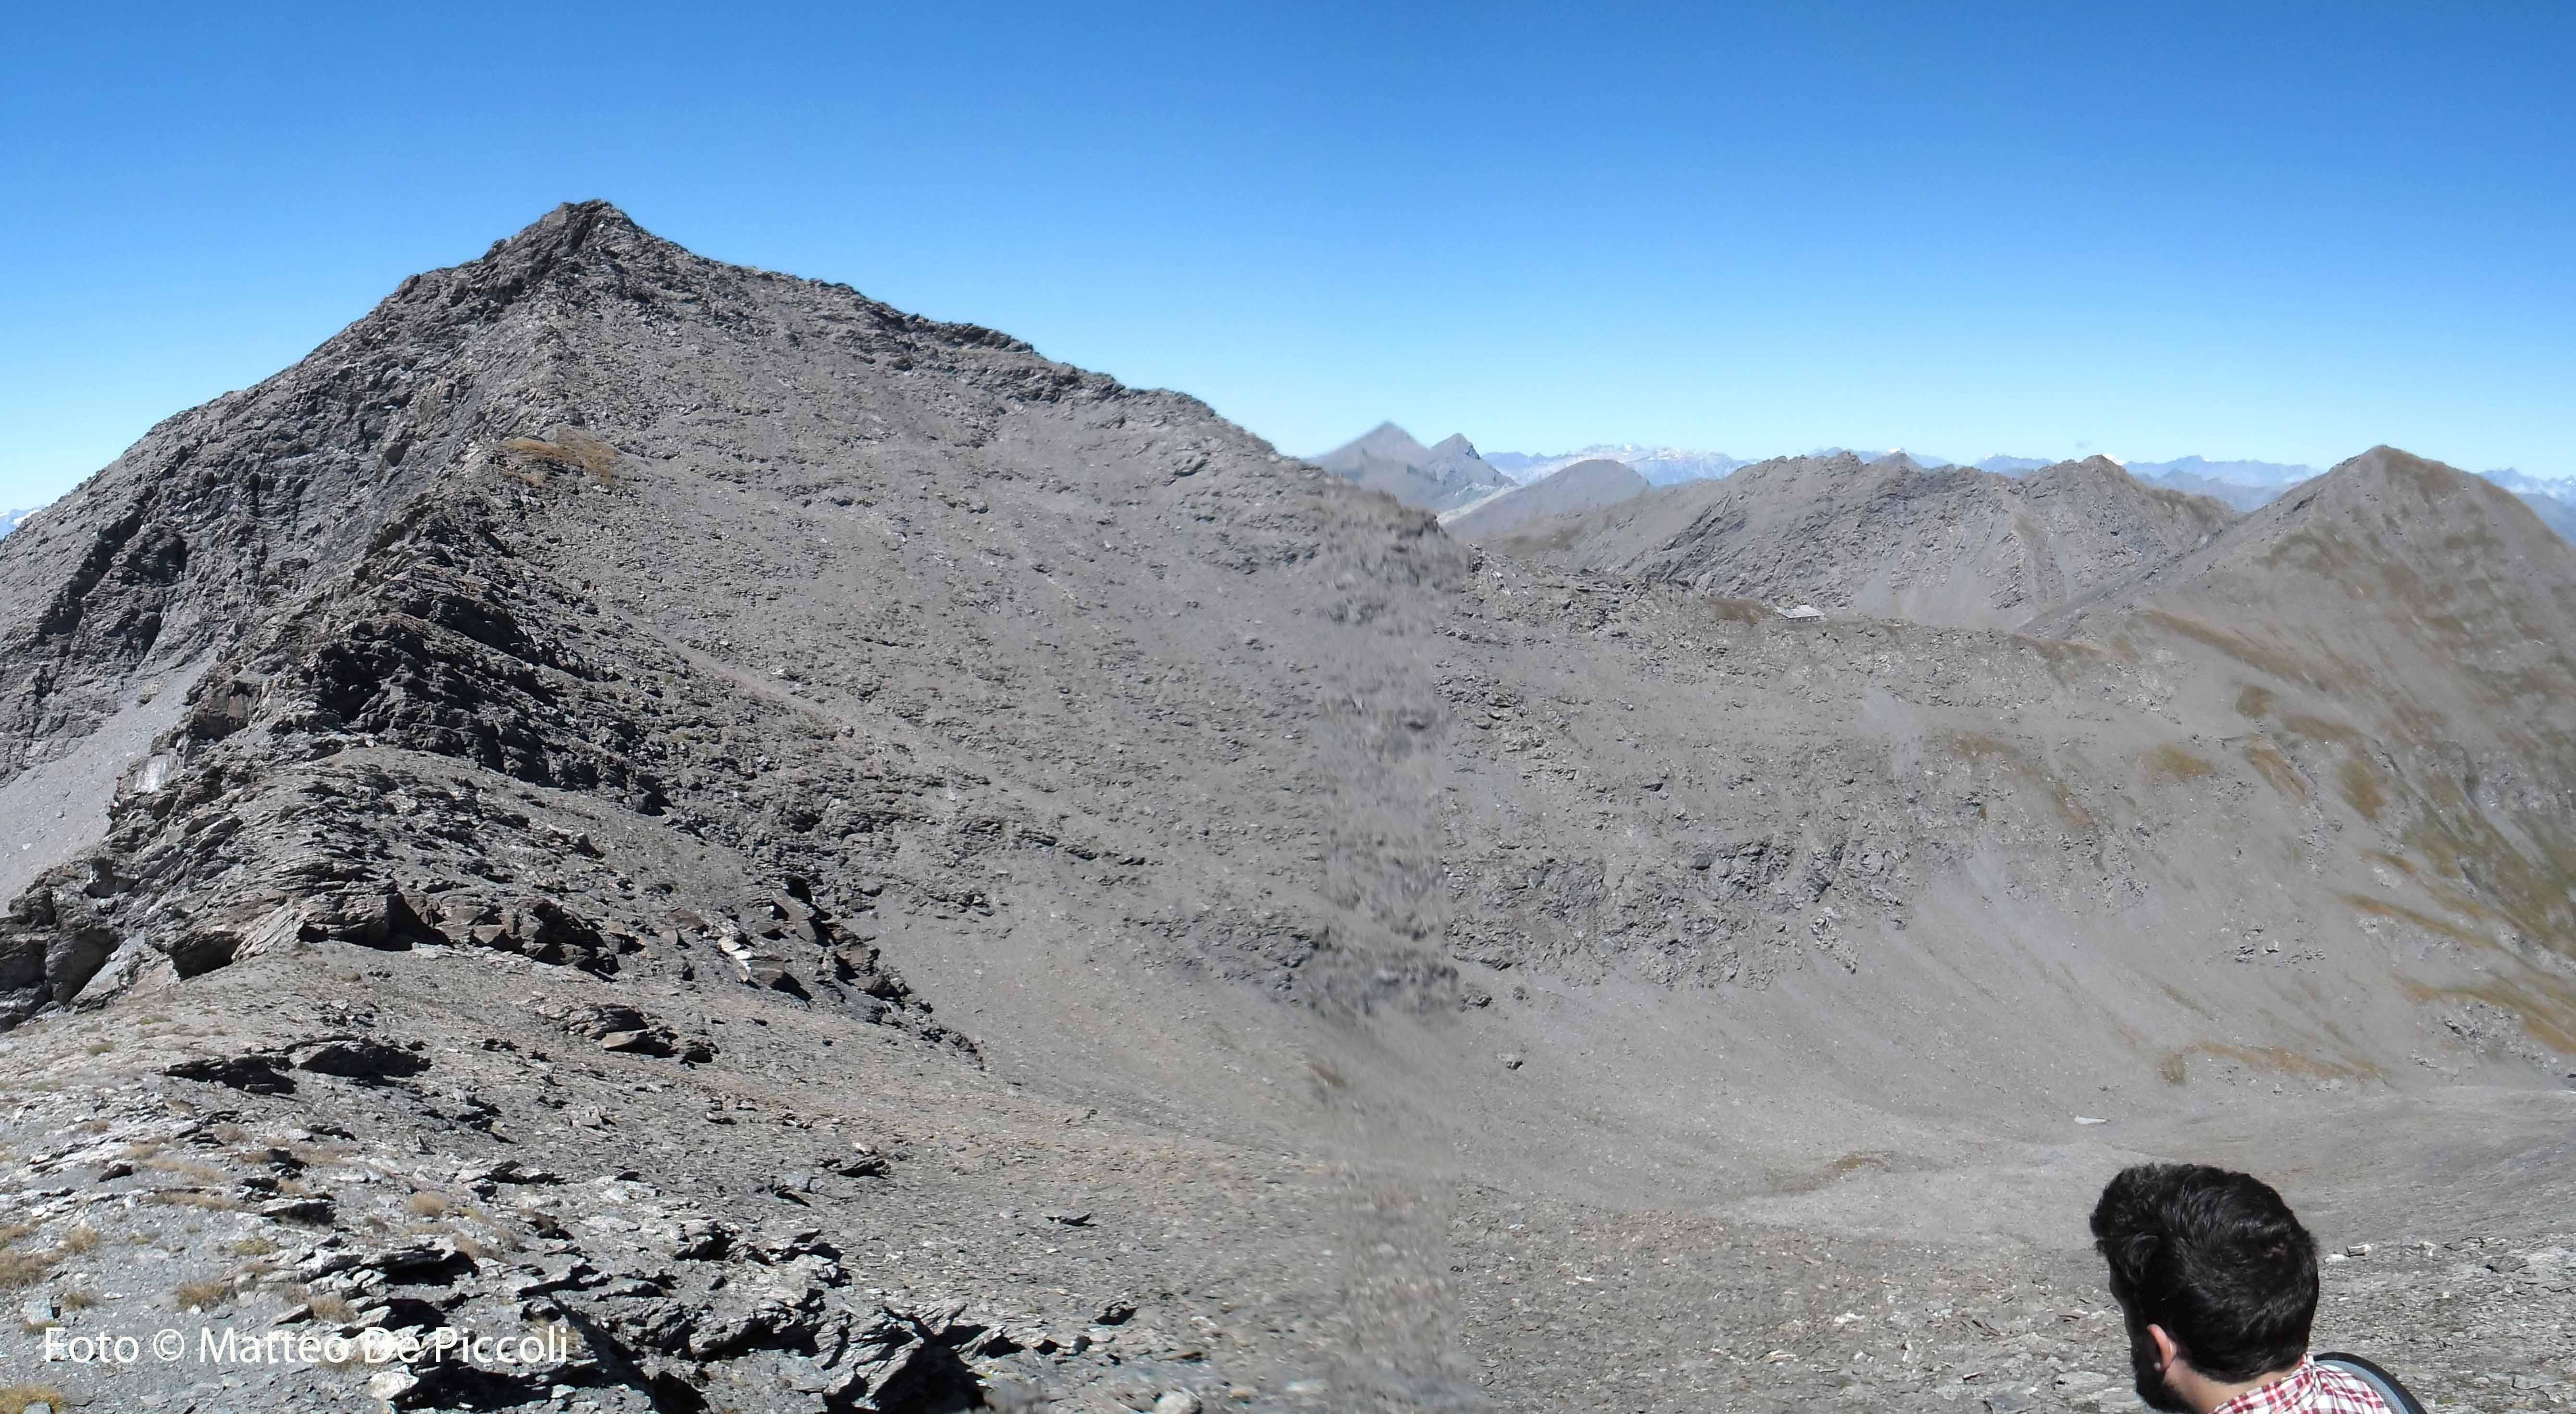 Grand QUeyron e cima Frappier lungp la cresta. In secondo piano le cime di Val Troncea, in fondo il Bric Ghinivert (3027m)